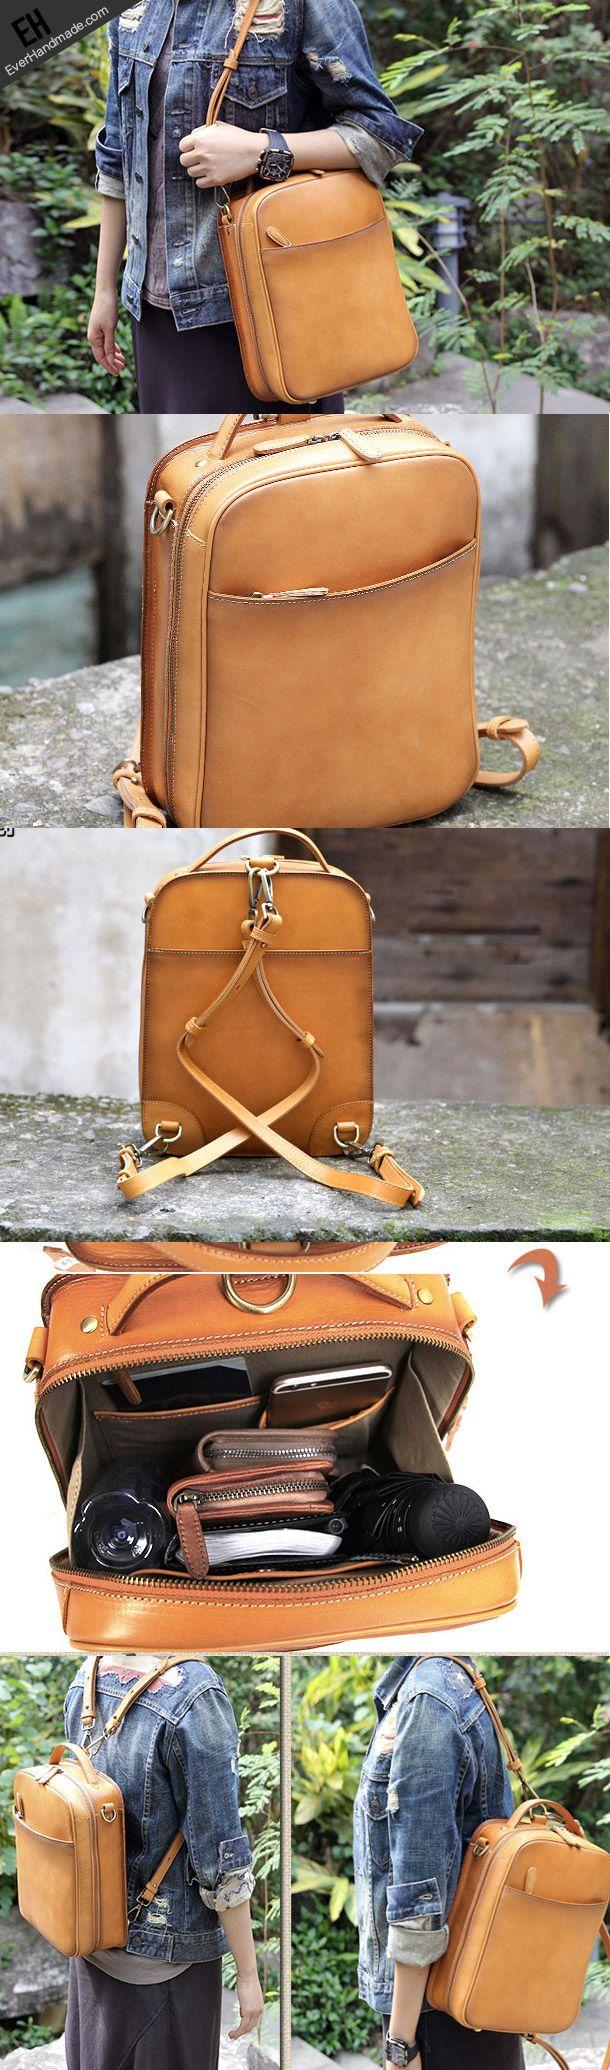 Handmade vintage satchel leather normal messenger bag beige